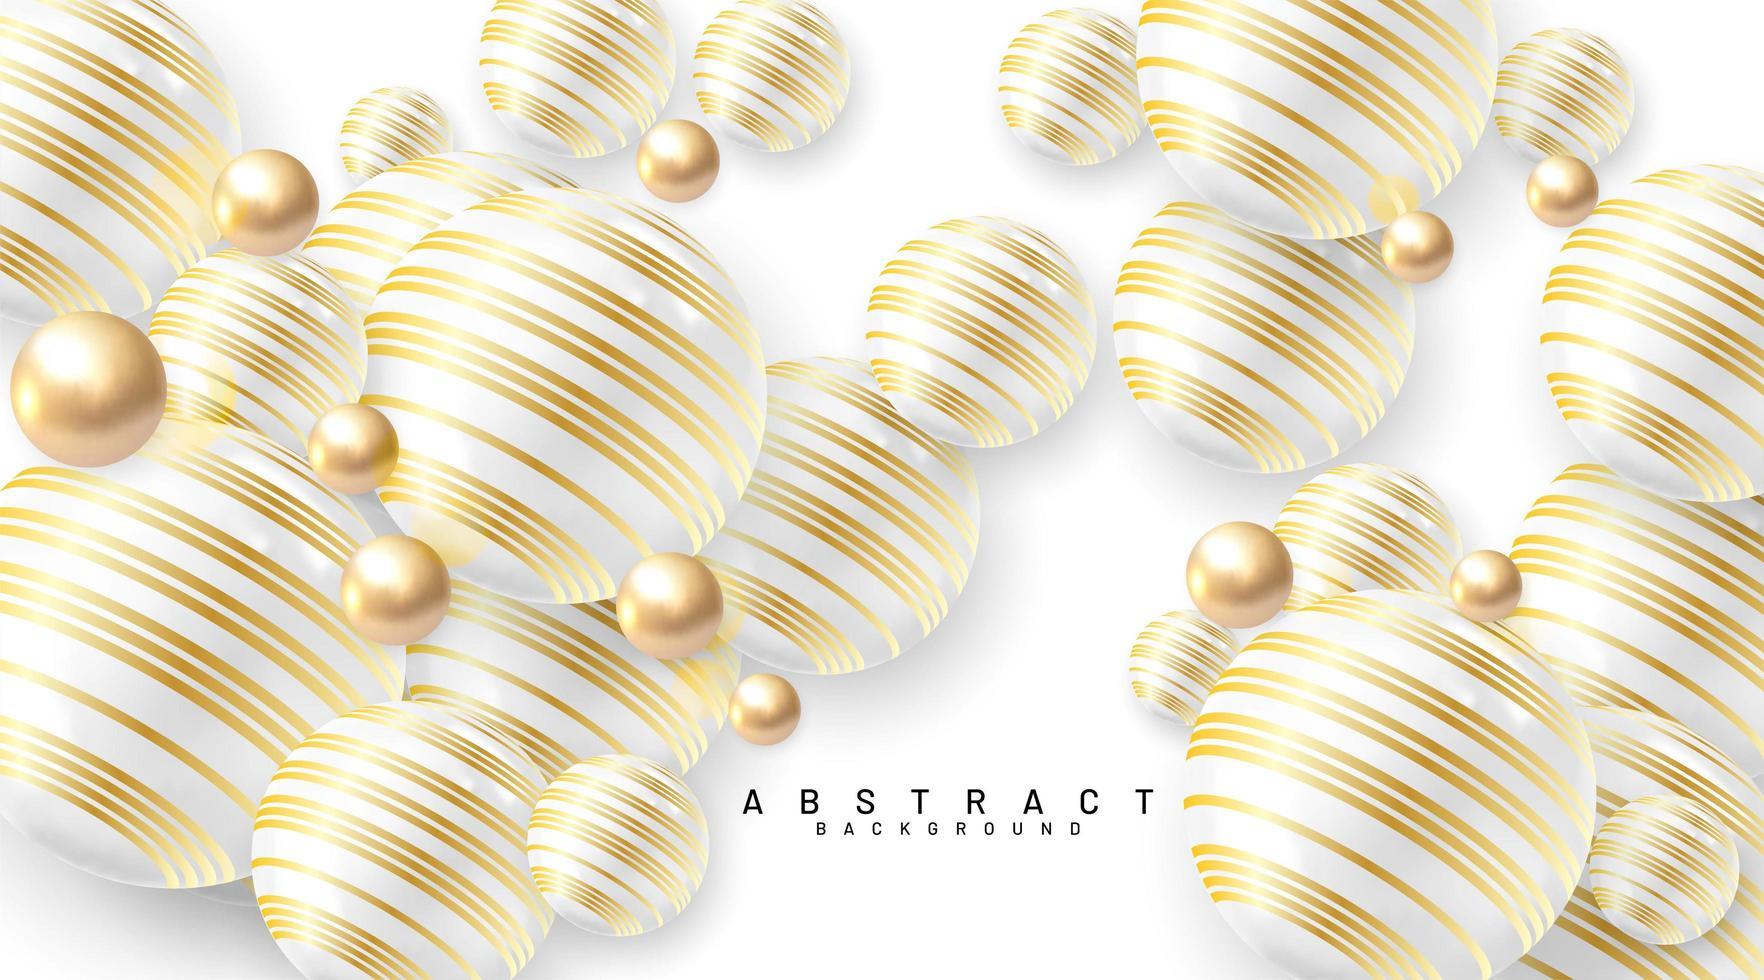 fondo abstracto con campos 3d. burbujas doradas y blancas. ilustración vectorial de una esfera con textura con un patrón de línea dorada. vector